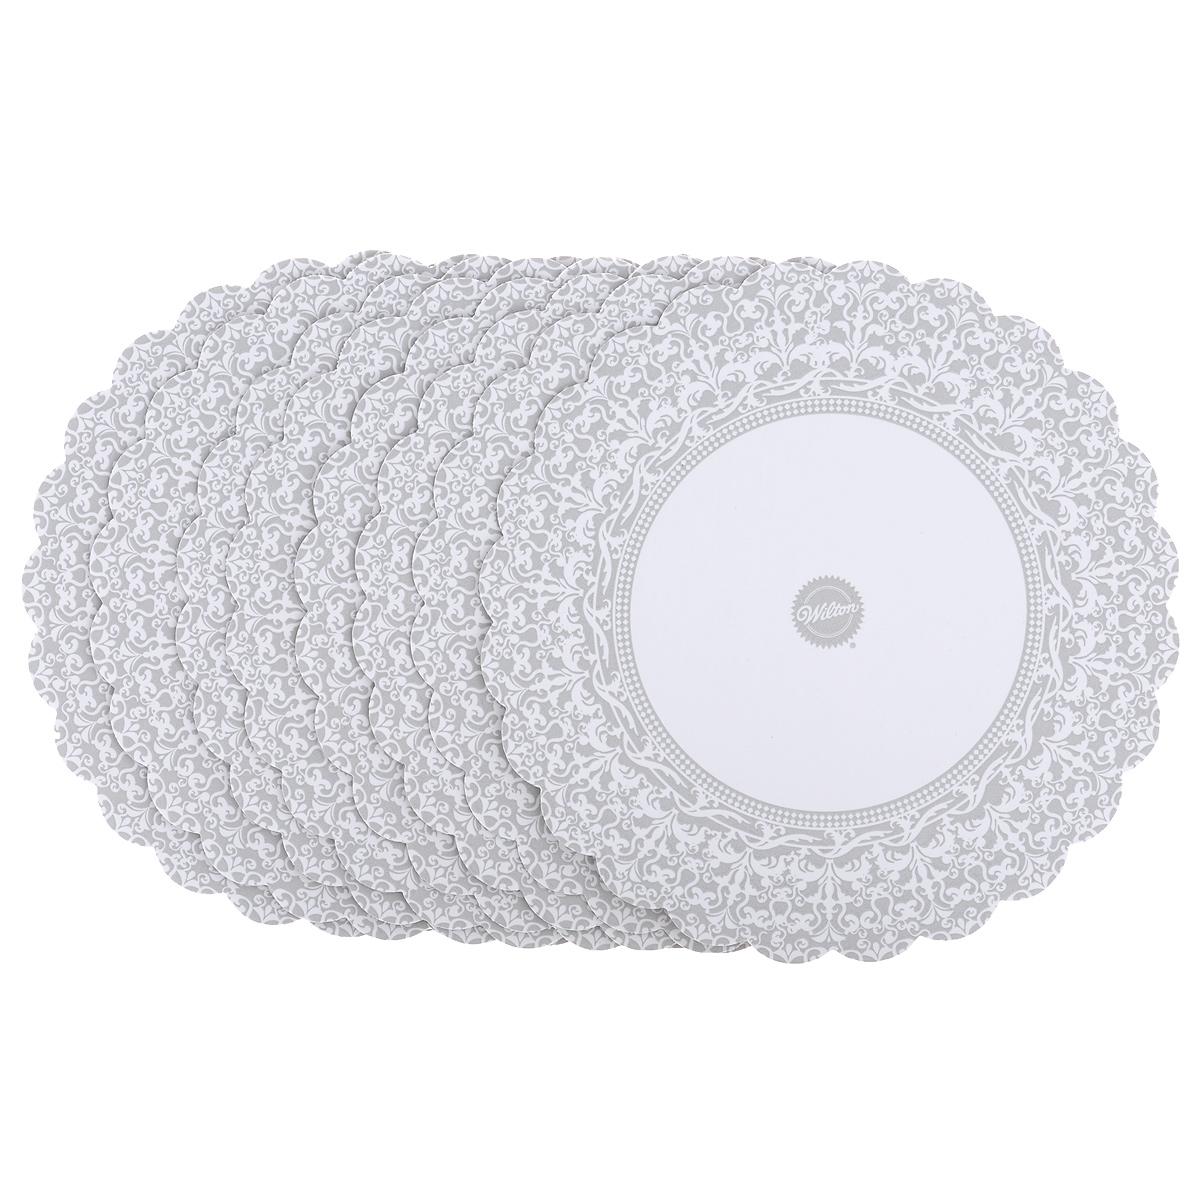 Основа для торта Wilton, круглая, цвет: серебристый, диаметр 30 см, 8 шт. WLT-2104-1176WLT-2104-1176Набор специальных салфеток под торт Wilton выполнен из плотного гофрокартона с жироустойчивым покрытием. Кружевной край создаст красивое обрамление и основу торту.